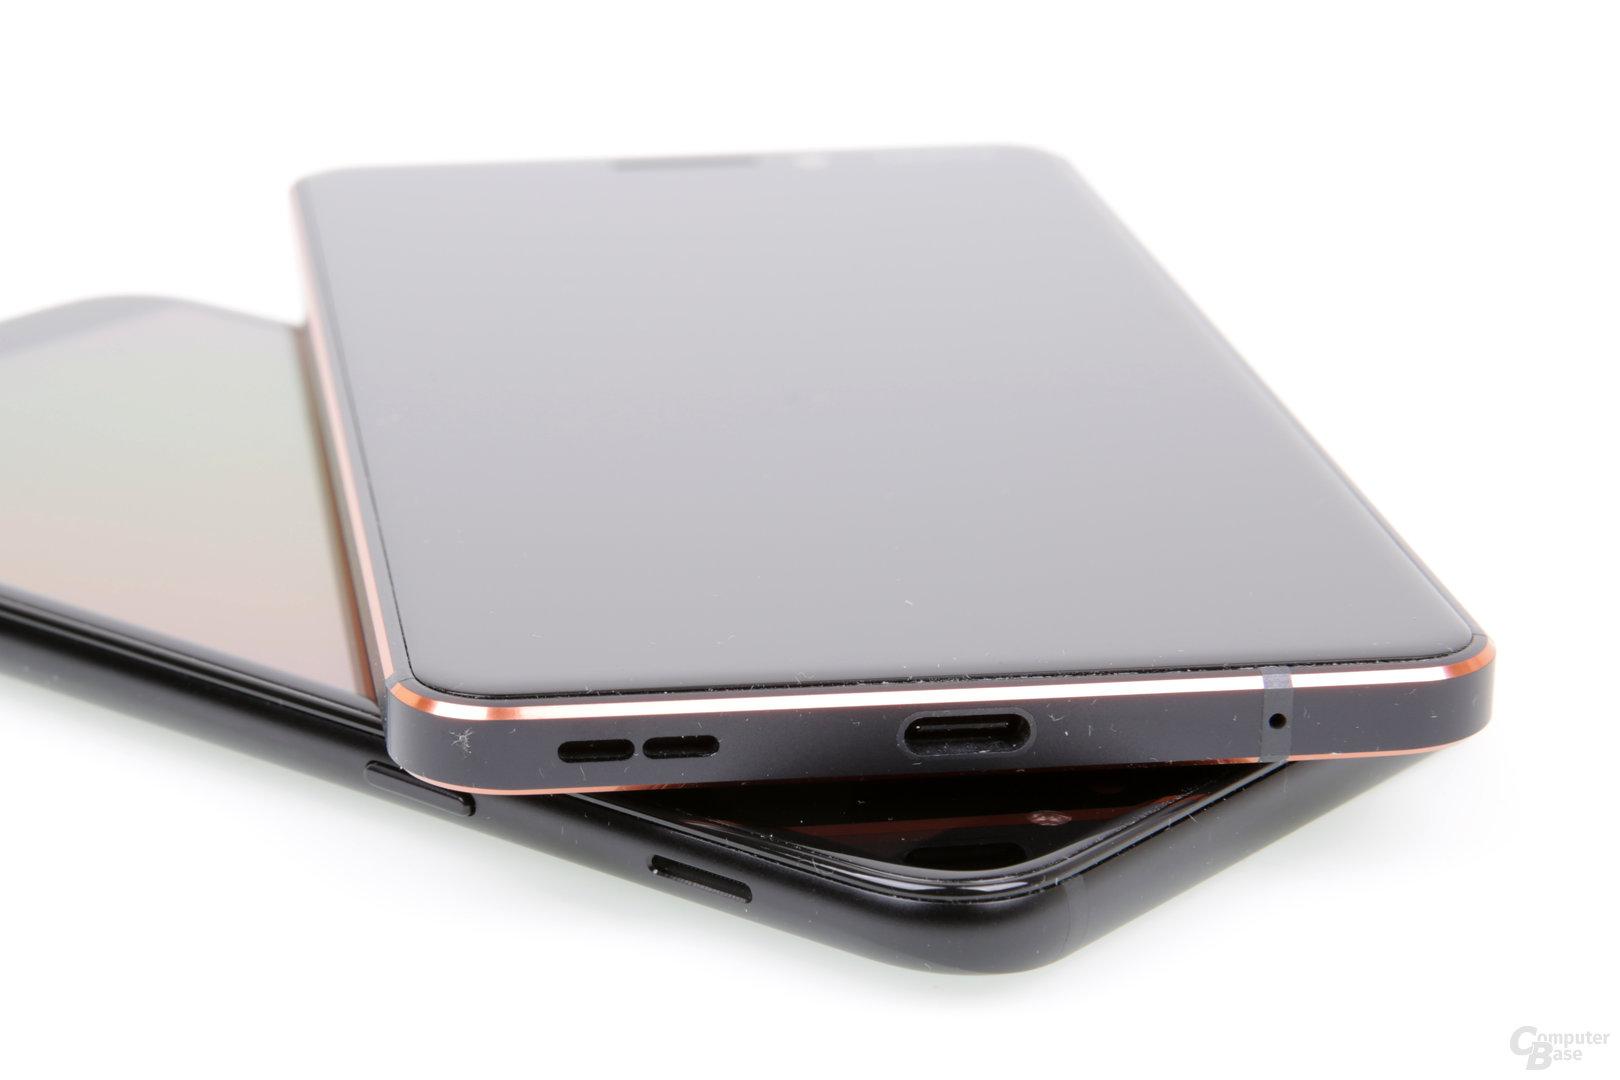 Samsungs Lautsprecher ist praktischerweise an der Seite